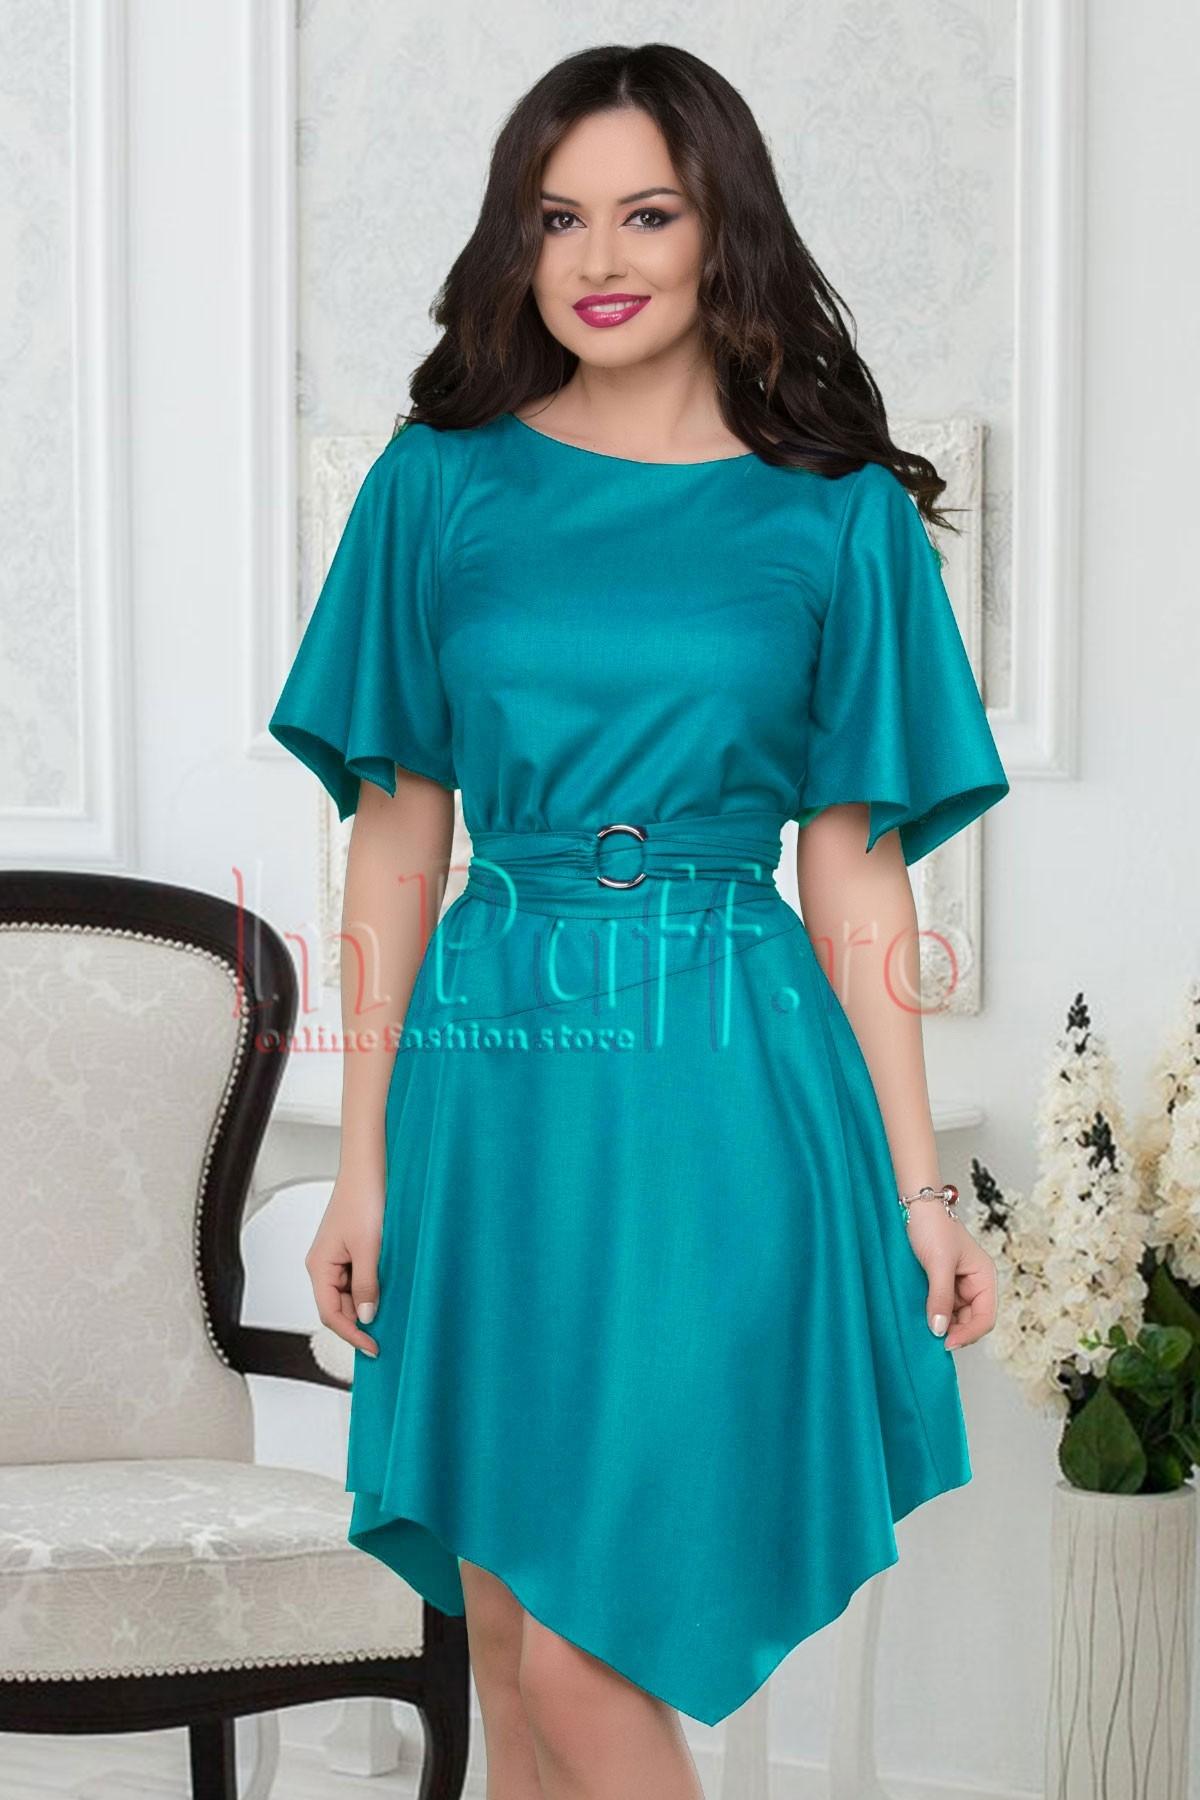 Rochie asimetrica albastru turquoise cu cordon in talie